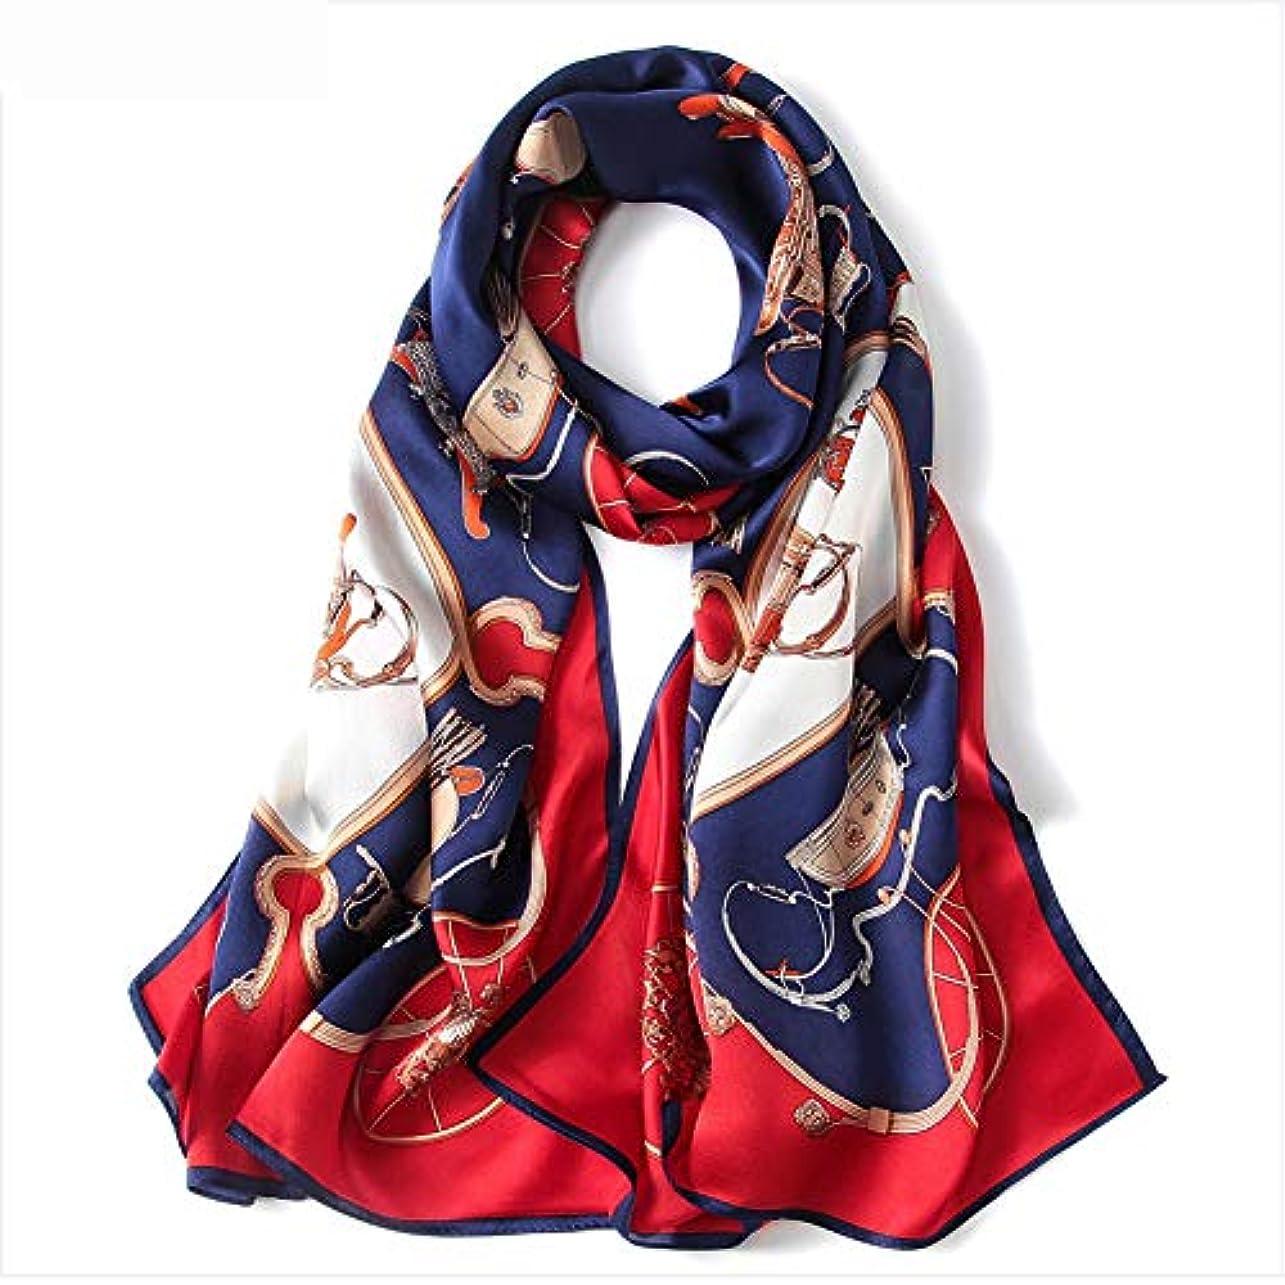 指紋同行する凝視[HR株式会社] スカーフ シルクレディース 大判 結婚式 ロング ショール 軽量 大きいサイズ サテン